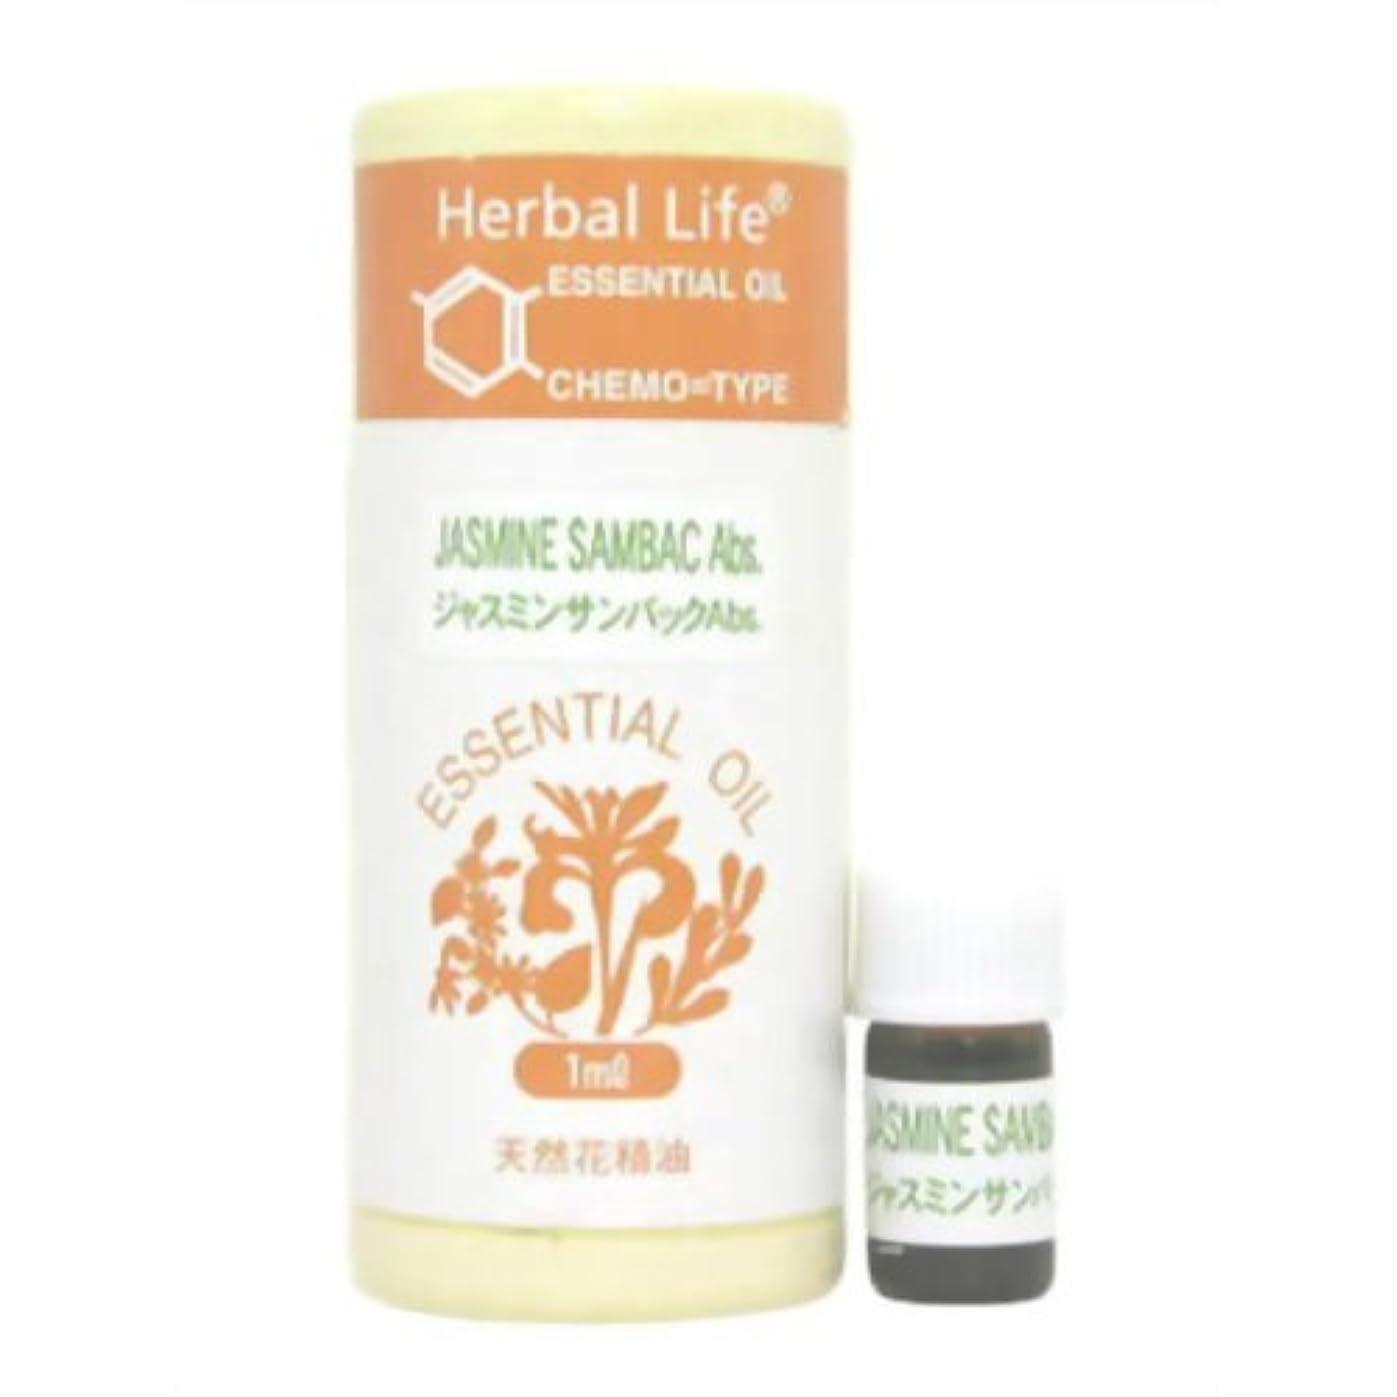 生活の木 Herbal Life ジャスミンサンバックAbs 1ml